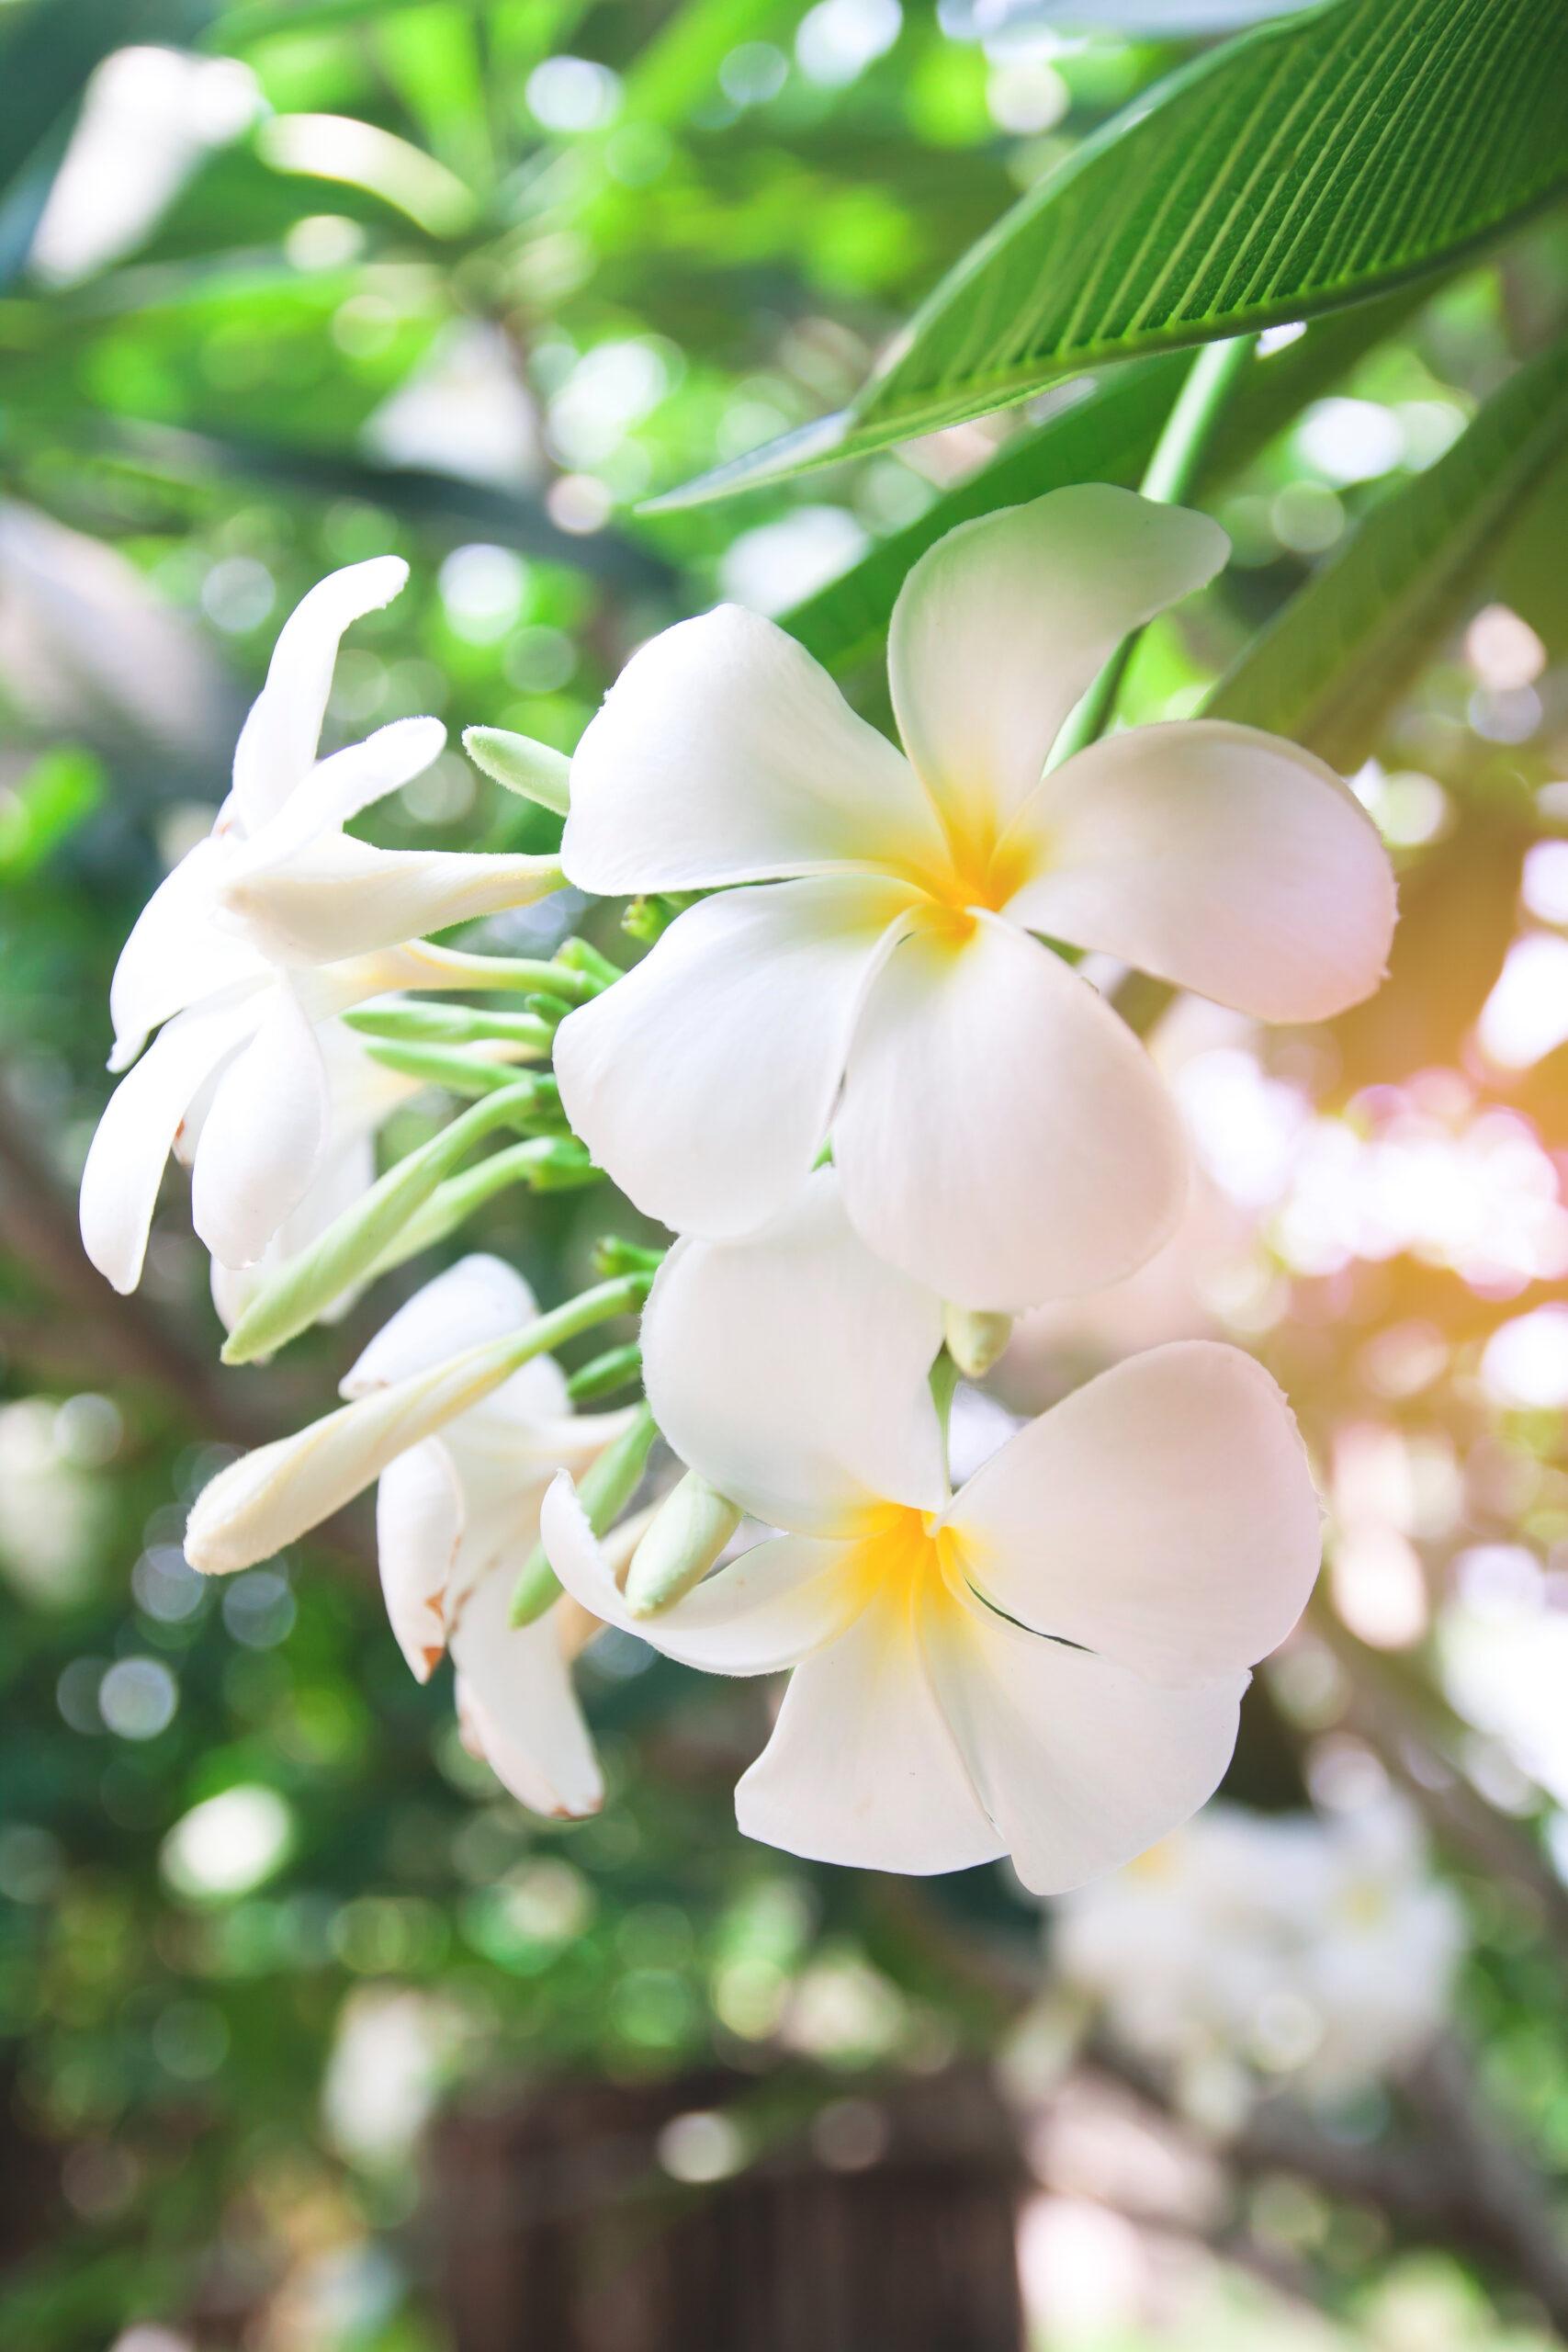 Fresh yellow and white plumeria flower in garden